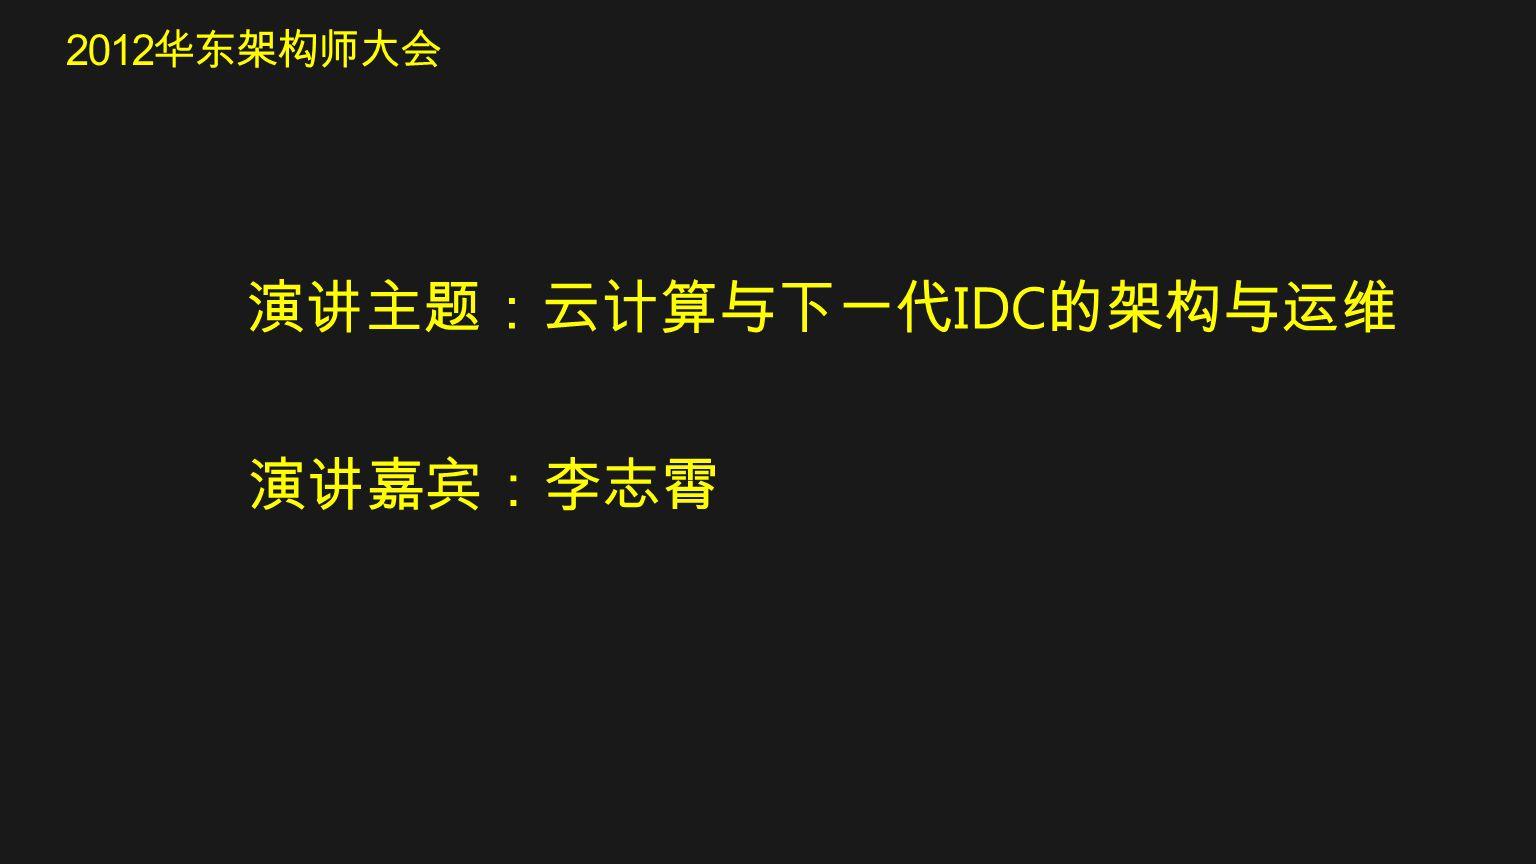 演讲主题:云计算与下一代IDC的架构与运维